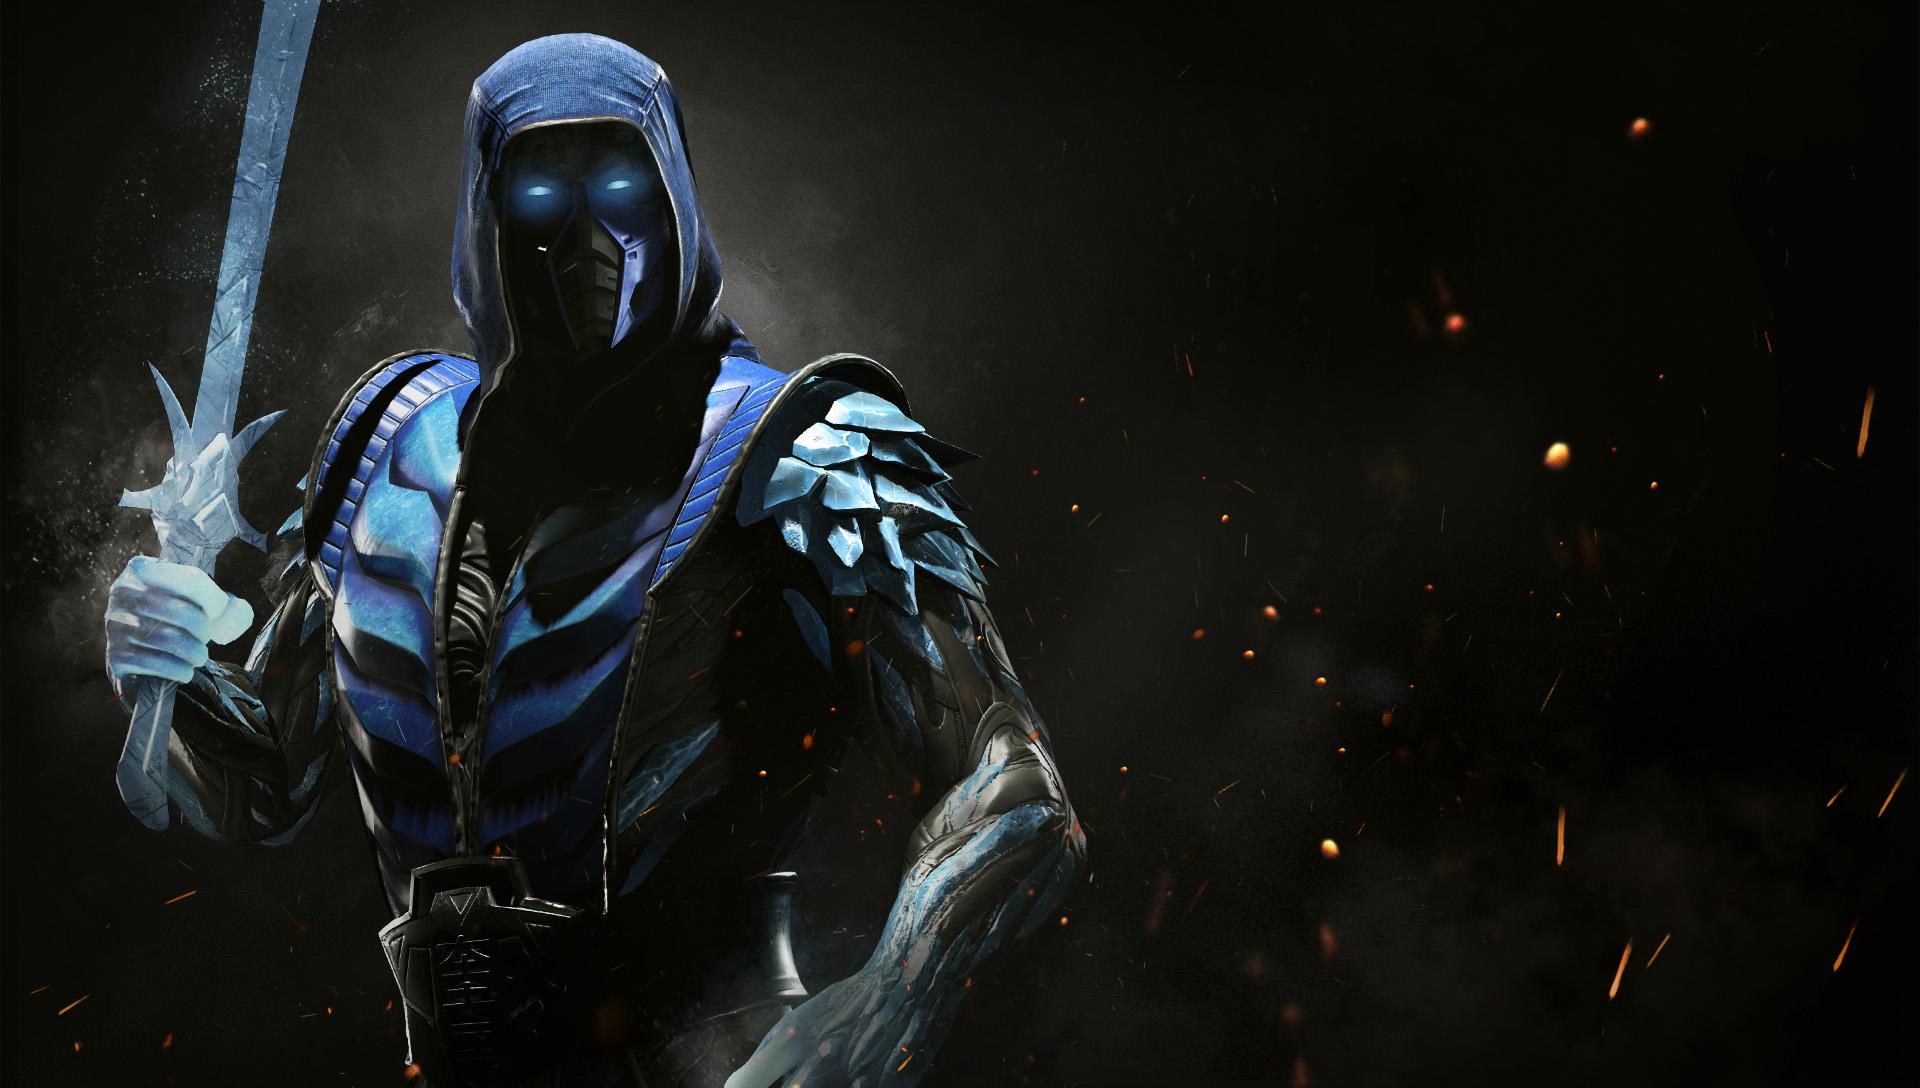 Injustice2 Sub Zero - Immagine dal gioco